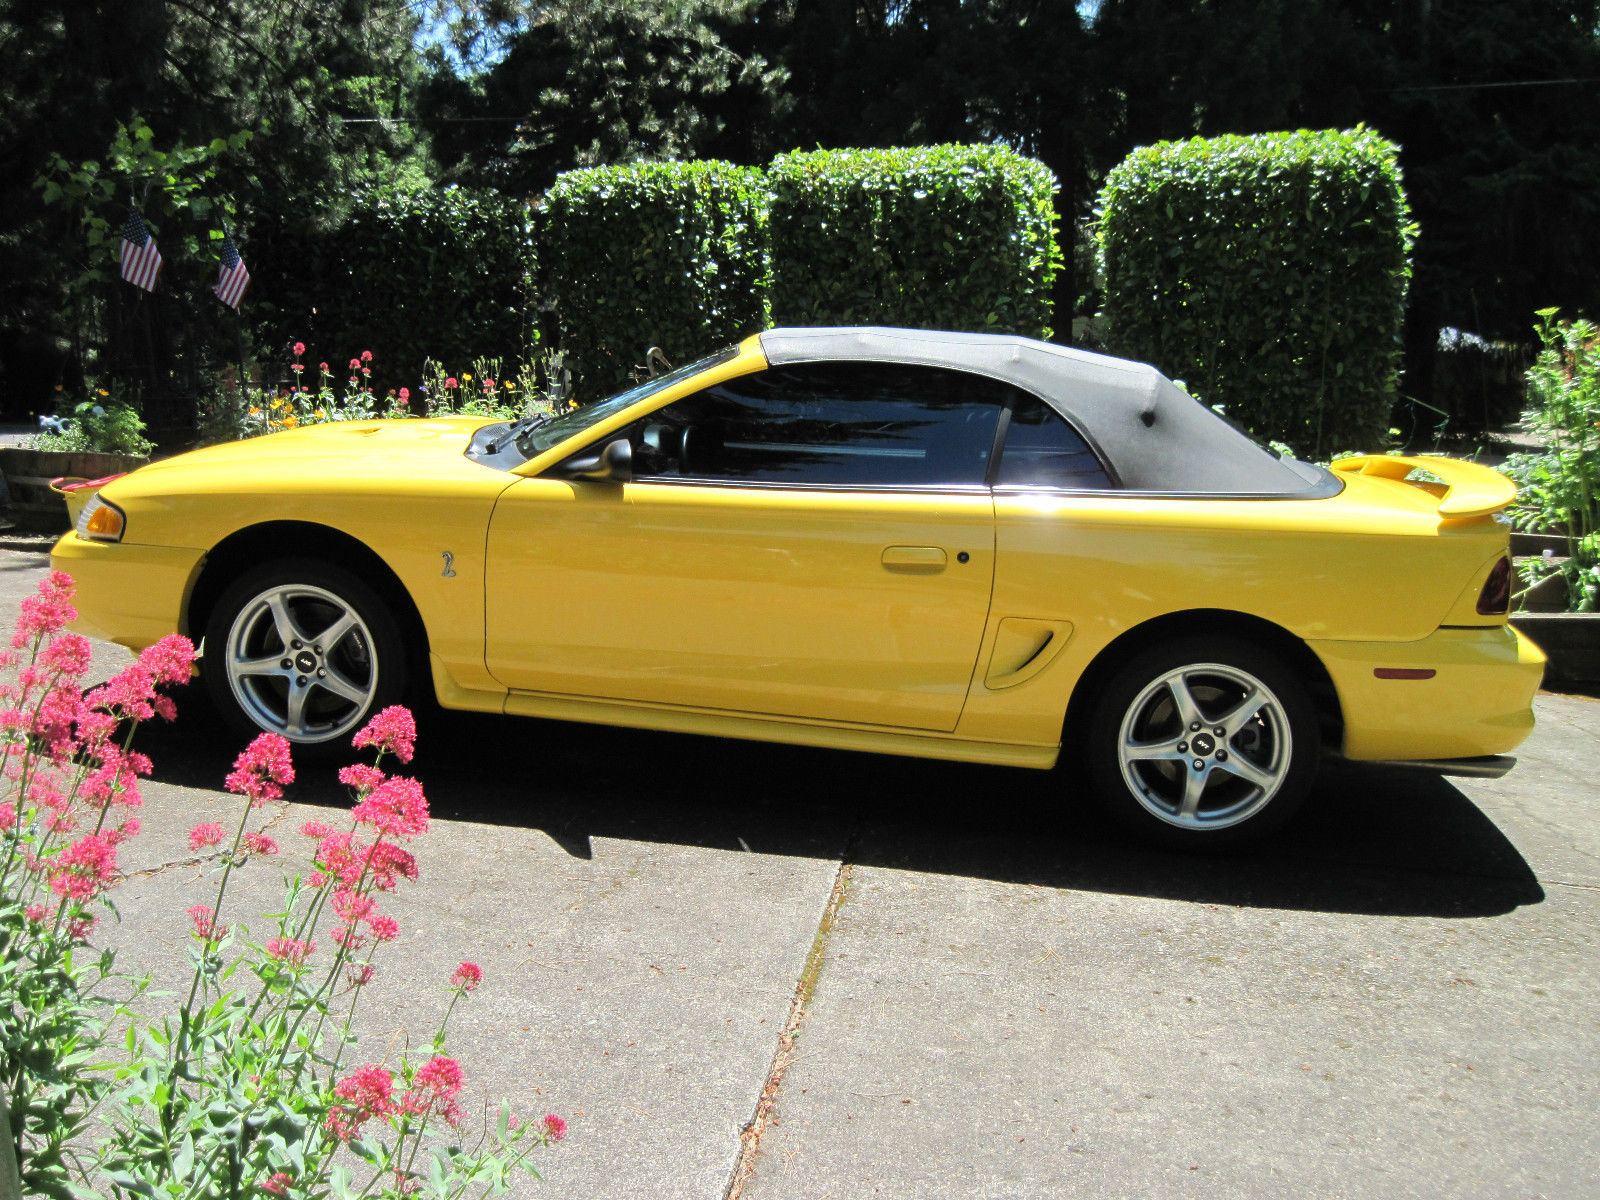 1998 ford mustang cobra svt convertible for sale. Black Bedroom Furniture Sets. Home Design Ideas